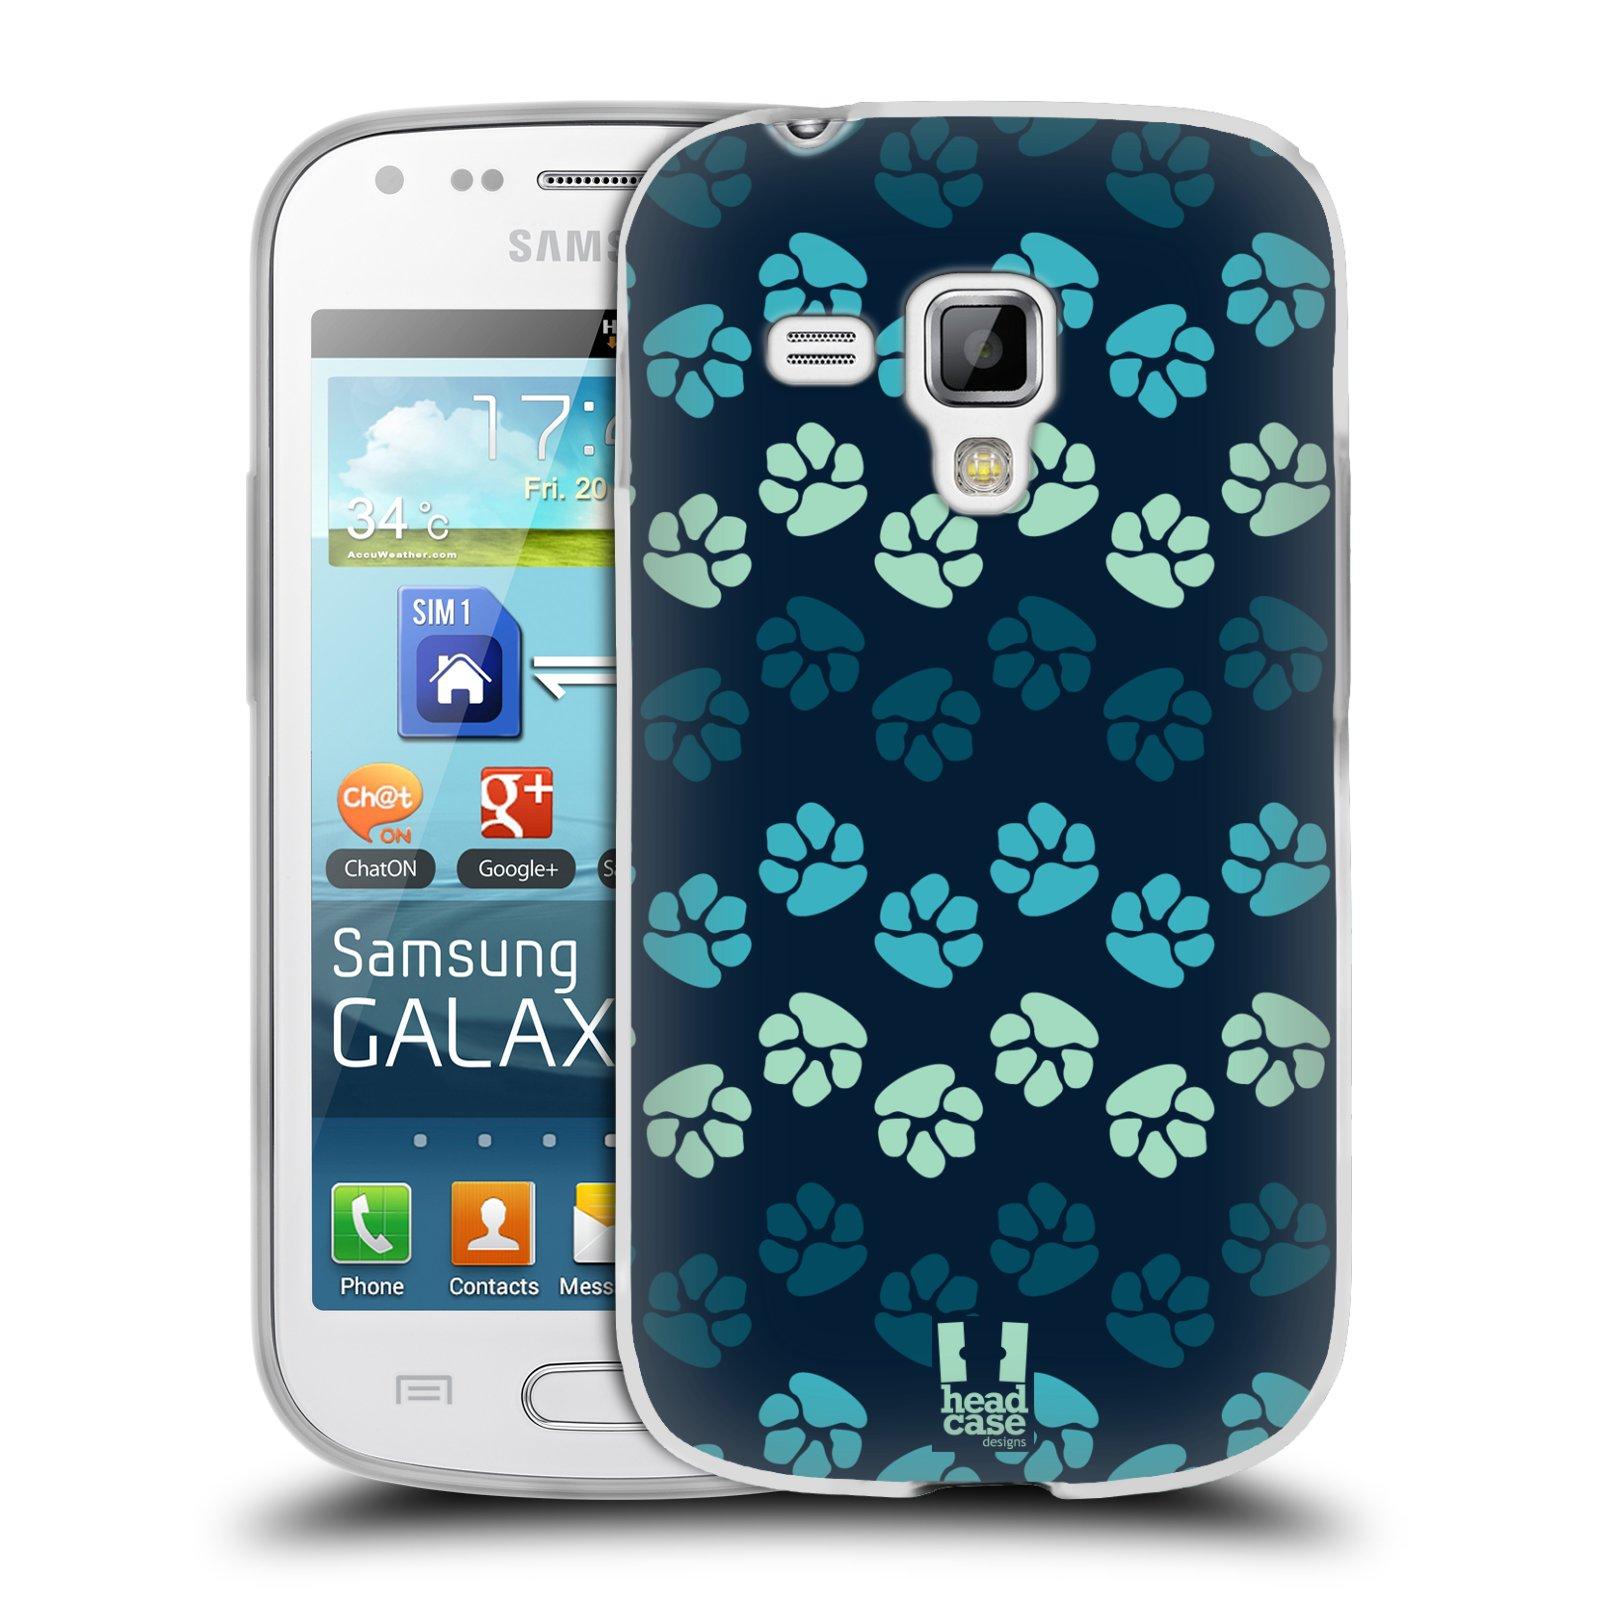 Silikonové pouzdro na mobil Samsung Galaxy Trend HEAD CASE TLAPKY MODRÉ (Silikonový kryt či obal na mobilní telefon Samsung Galaxy Trend GT-S7560)